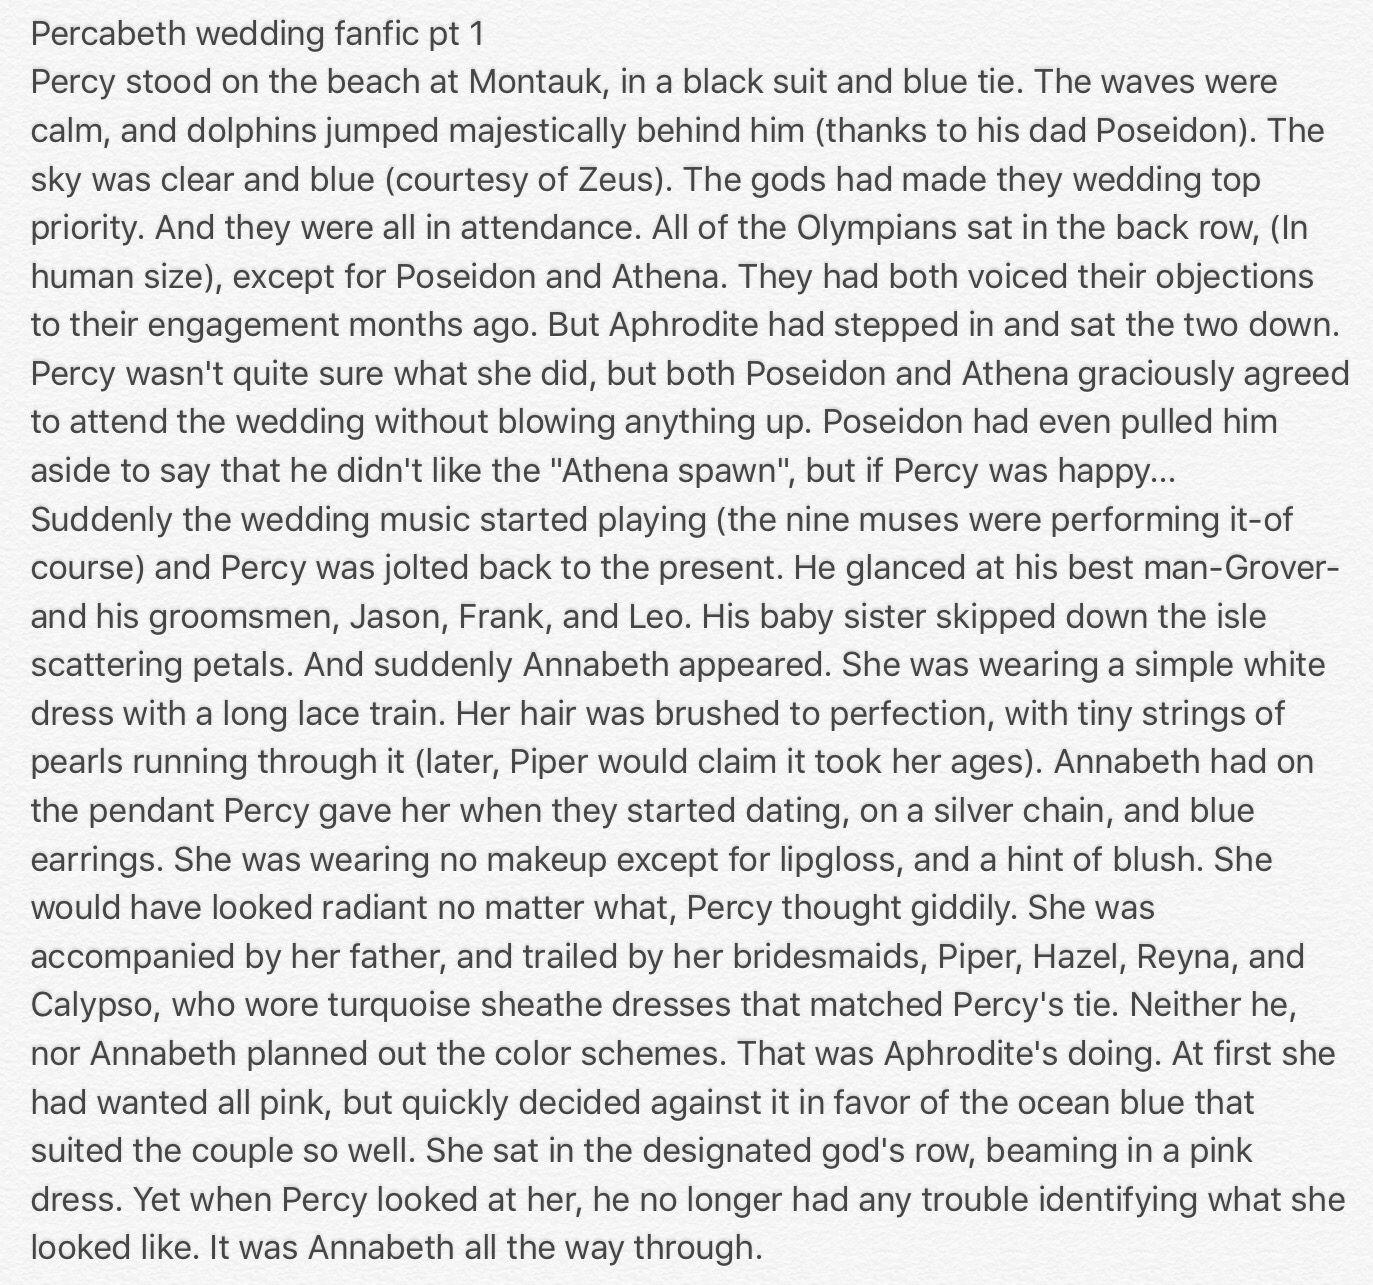 Percabeth wedding fanfic | Percy, annabeth, Percy jackson